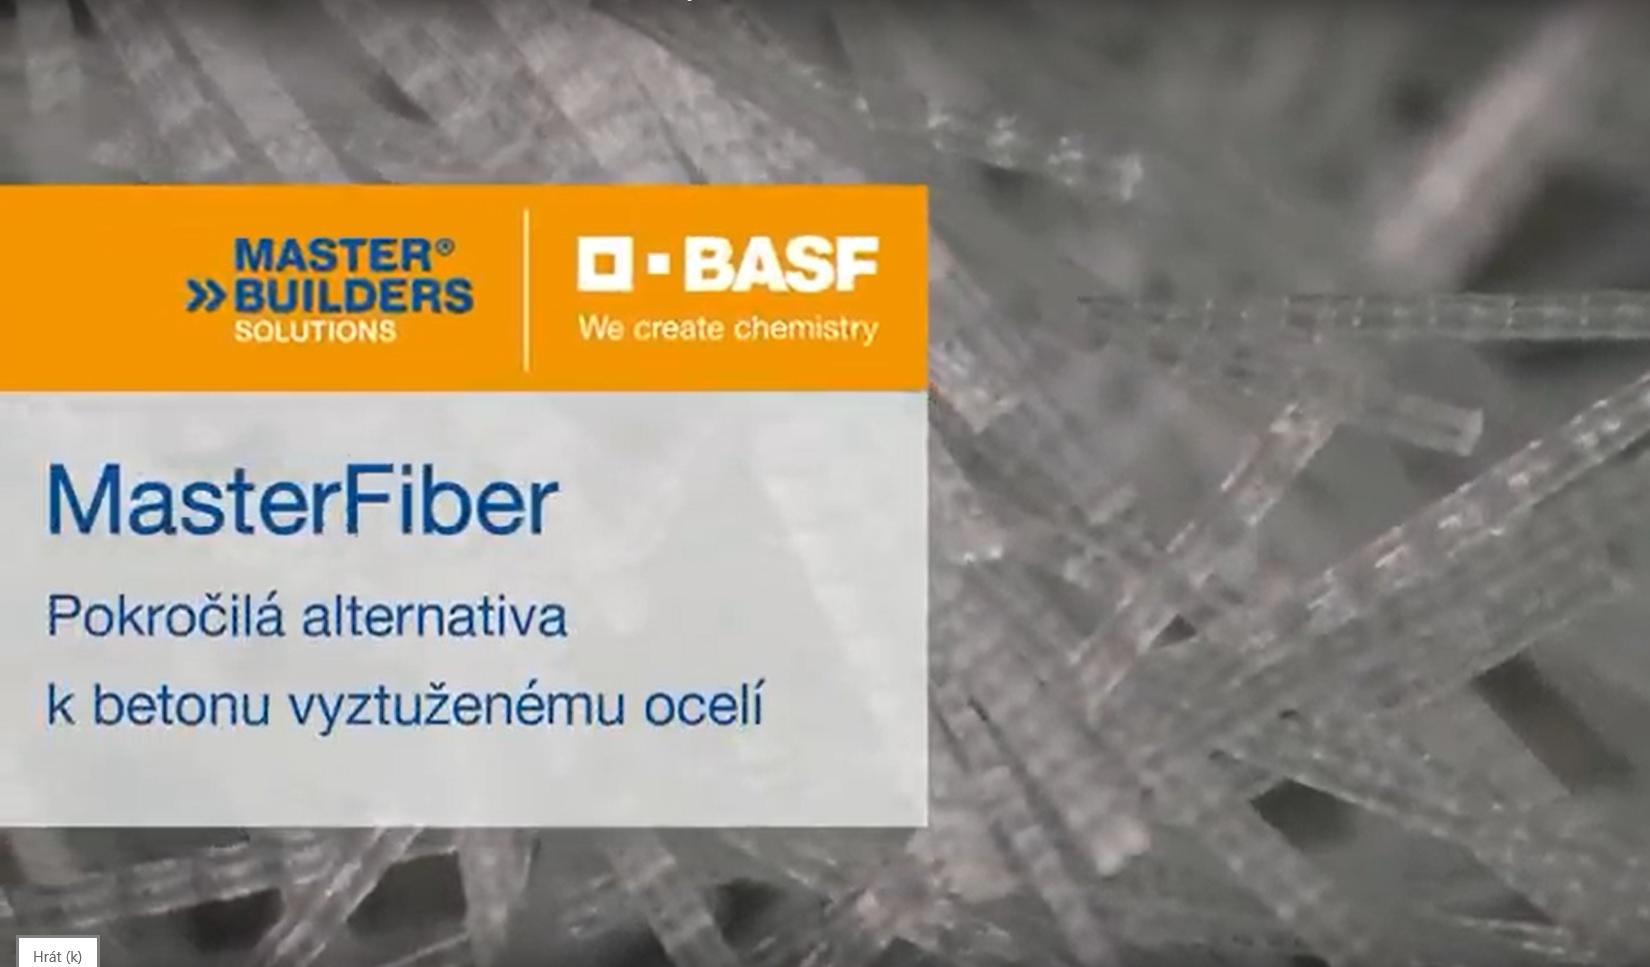 https://assets.master-builders-solutions.com/Shared%20Documents/Image/Czech%20(Czech%20Republic)/Video/Technologie%20MasterFiber.jpg